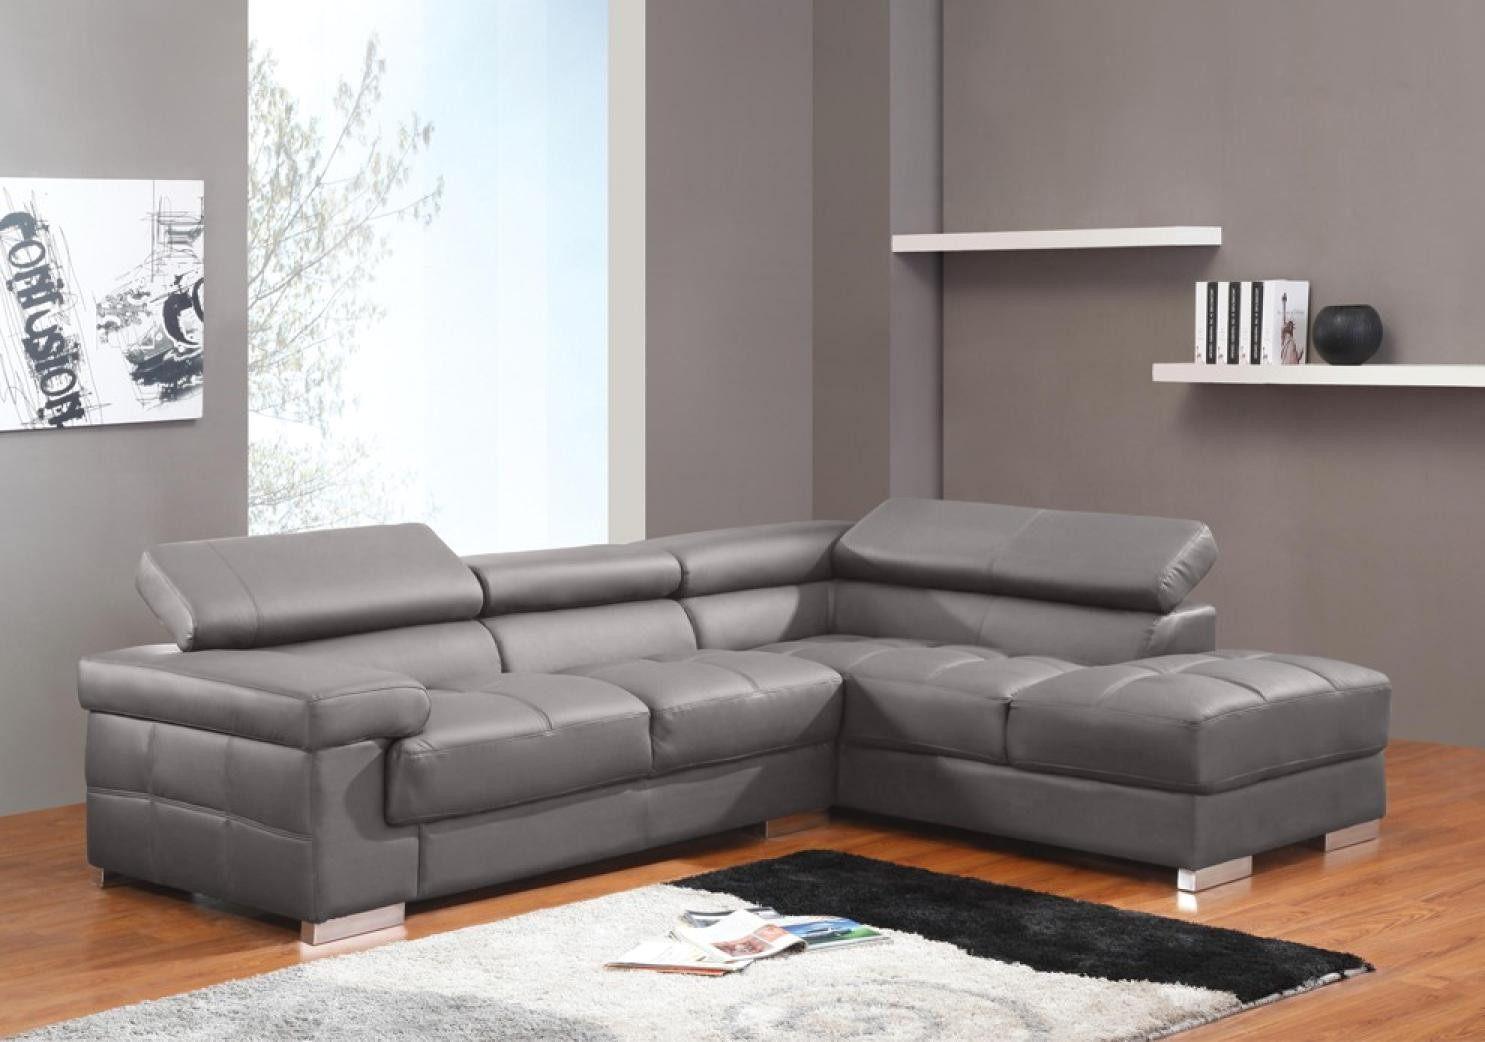 Lit Bébé D Appoint Douce Canapé De Chambre 32 De Luxes Canapé Lit Couchage Quoti N Ikea